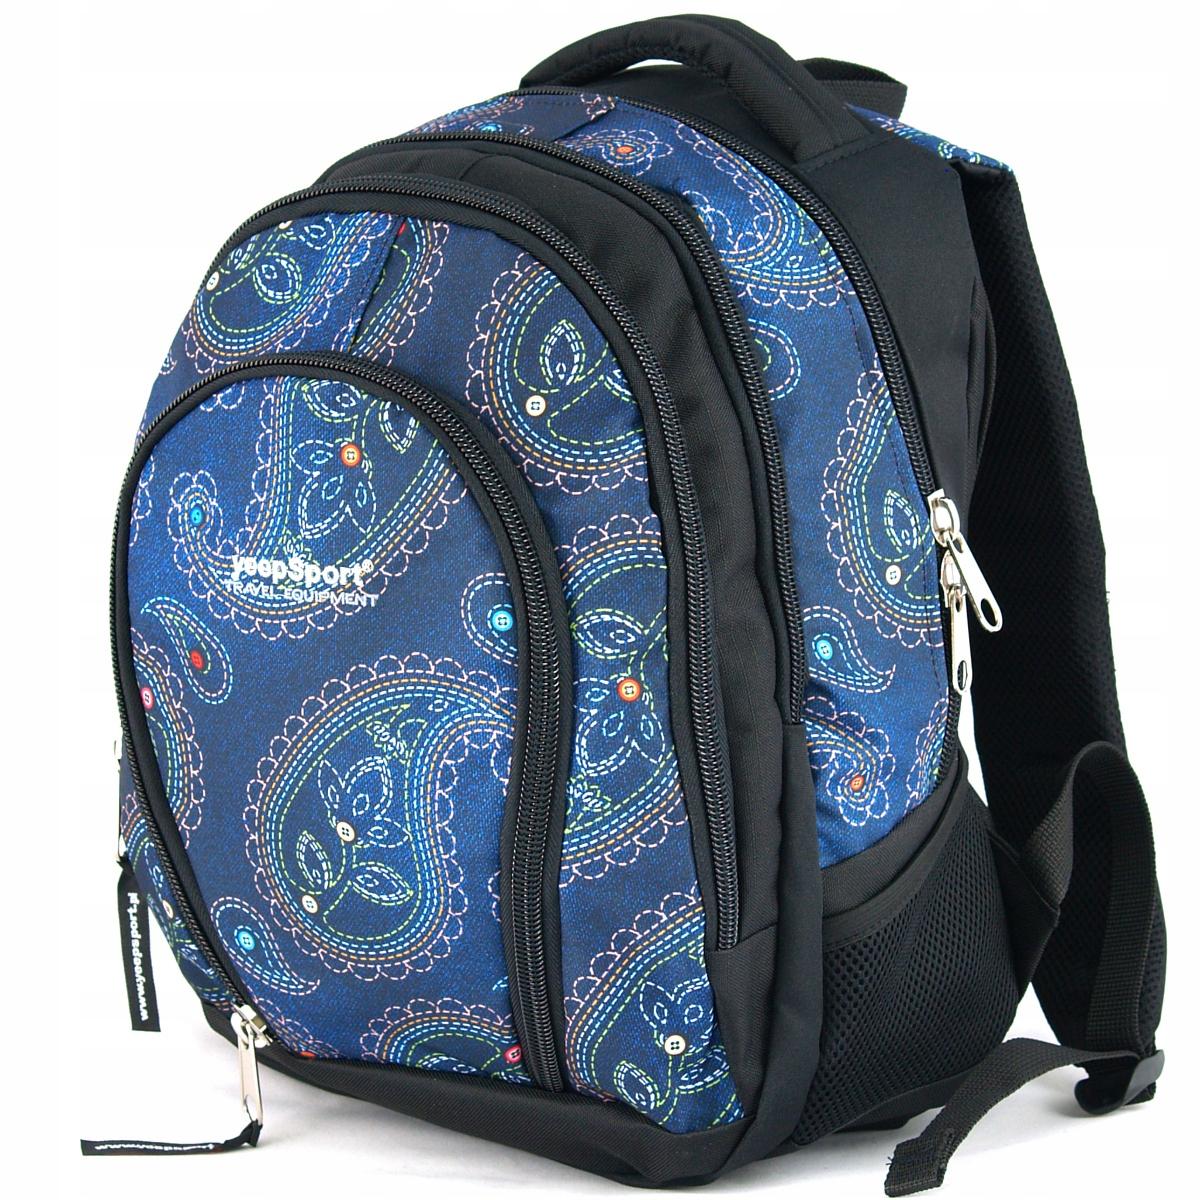 850ad236bee02 Plecak szkolny 4-komorowy yeepSport S113dx jeans h - 7238121840 ...